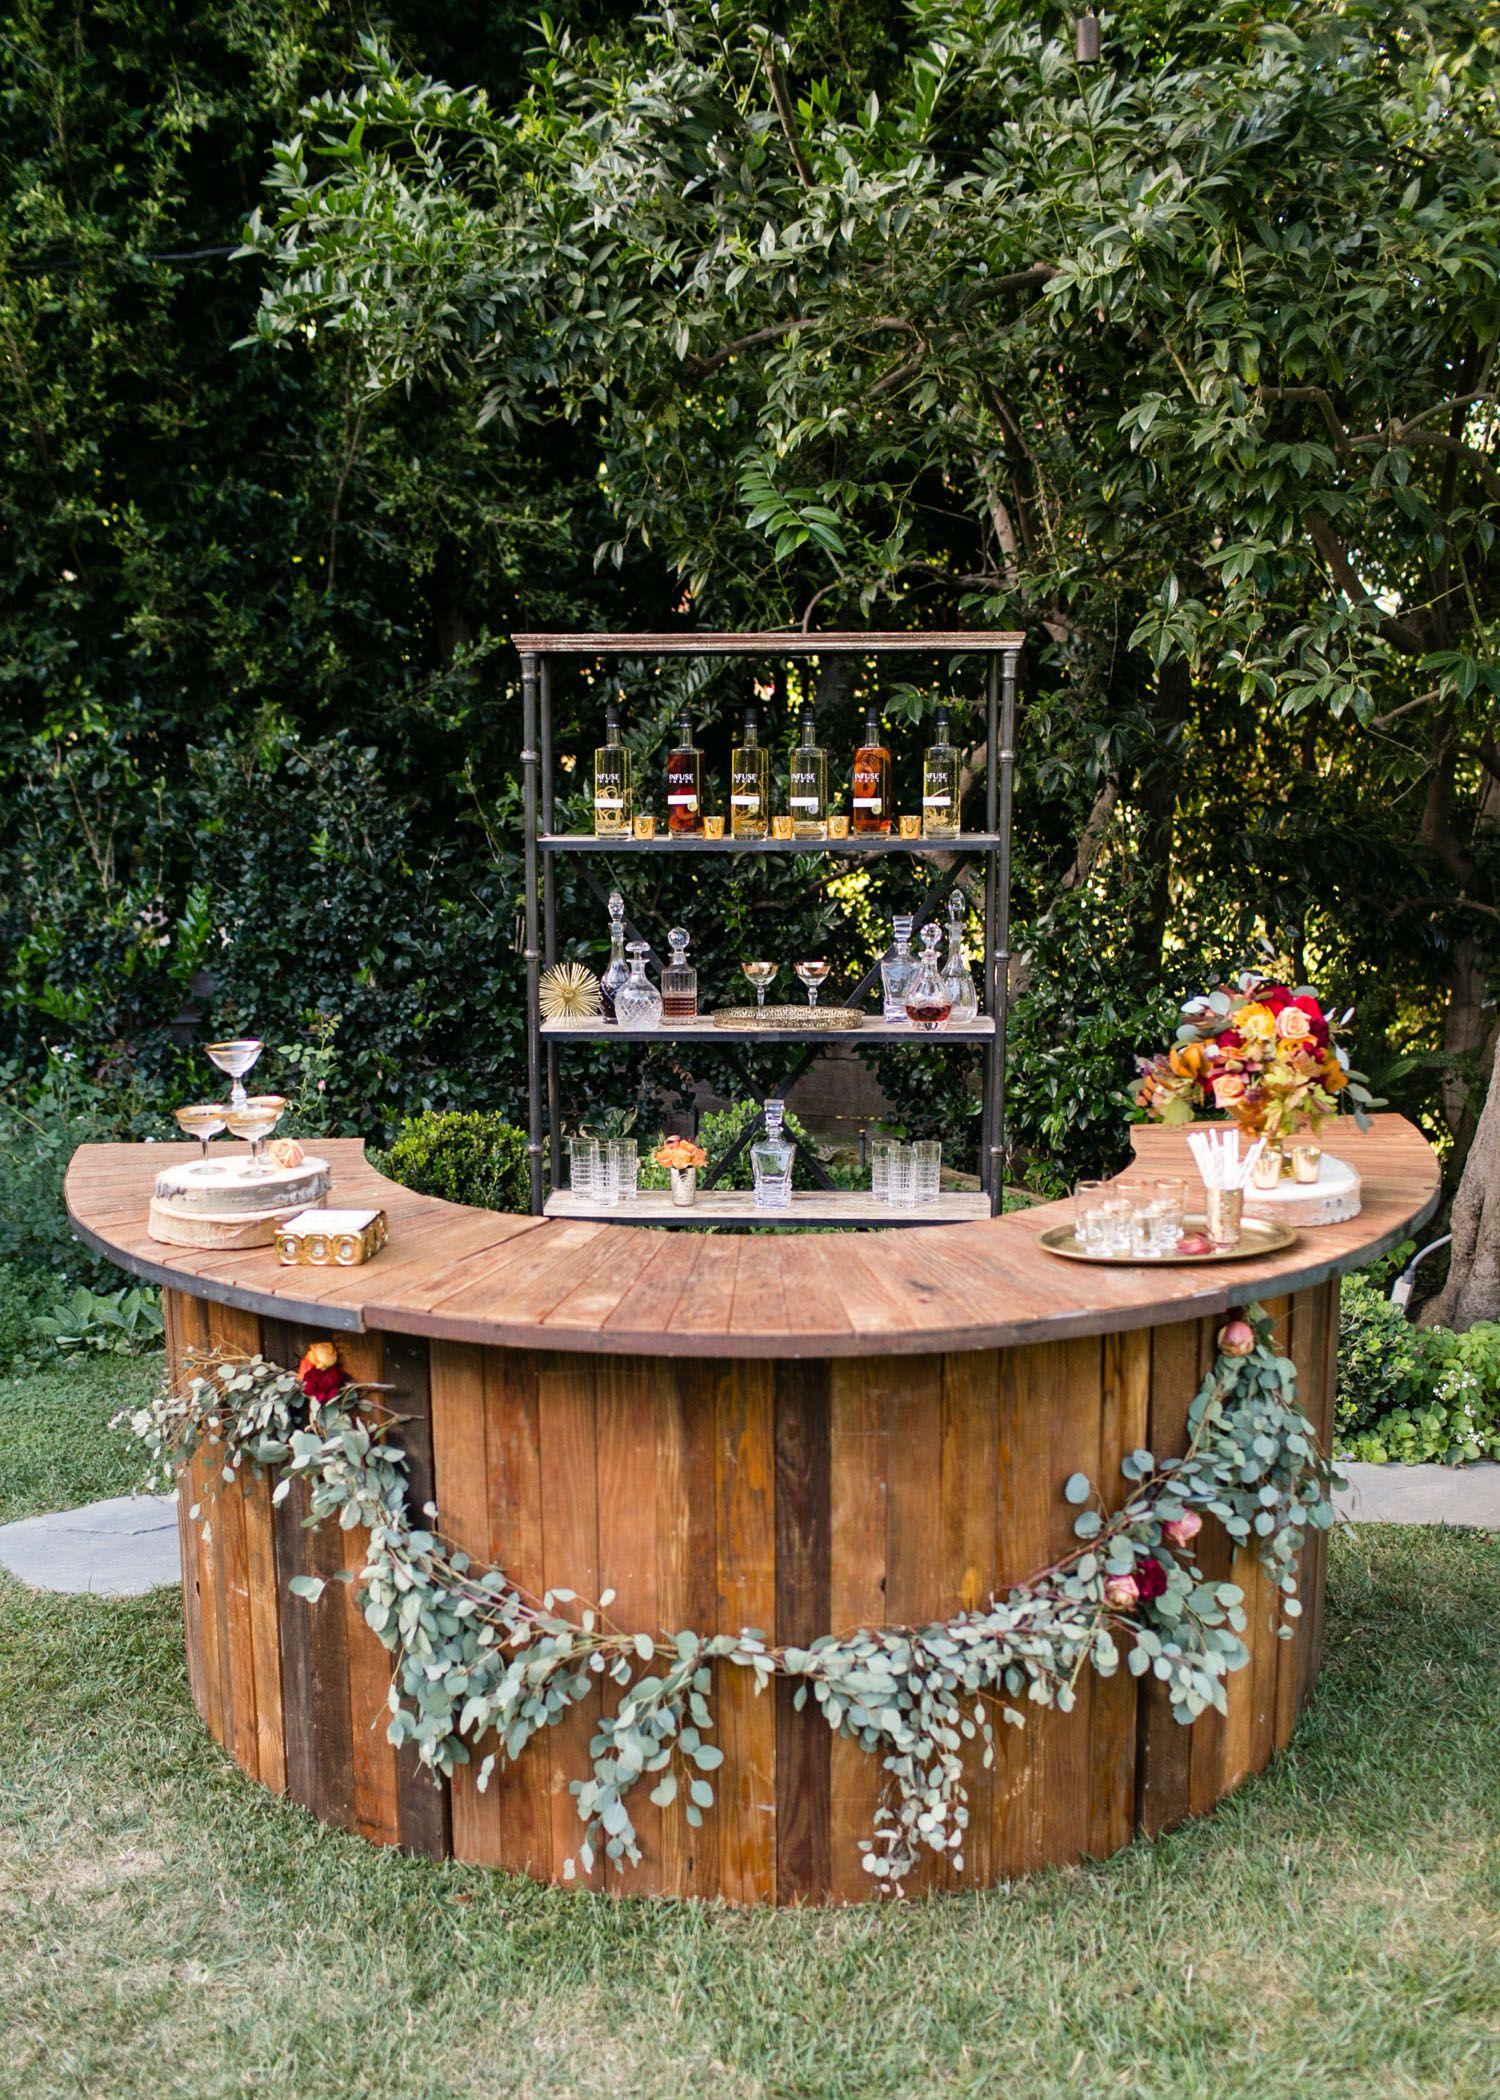 Warm Fall Inspired Wedding Ideas | Pinterest | Bar, Wedding and Wedding